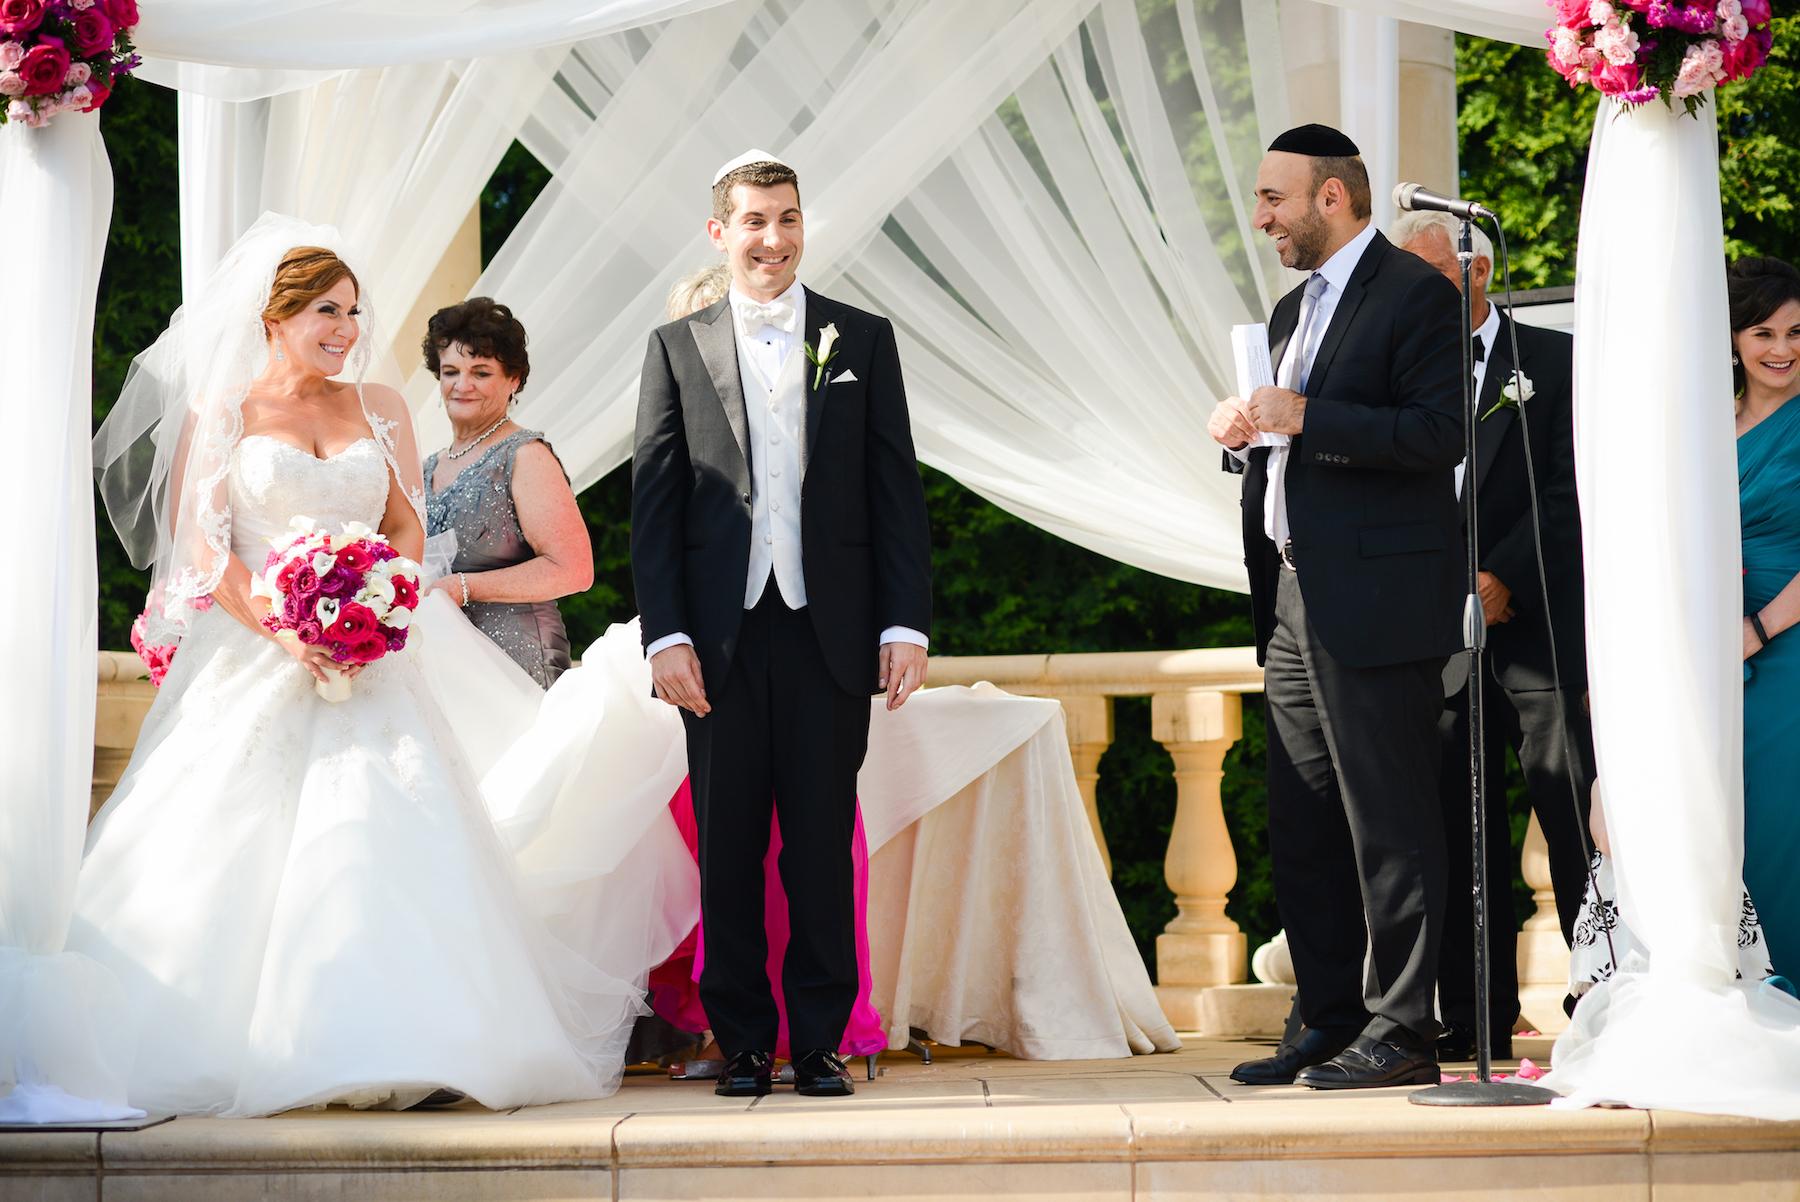 rockleigh-country-club-wedding-veroluce-photos-25